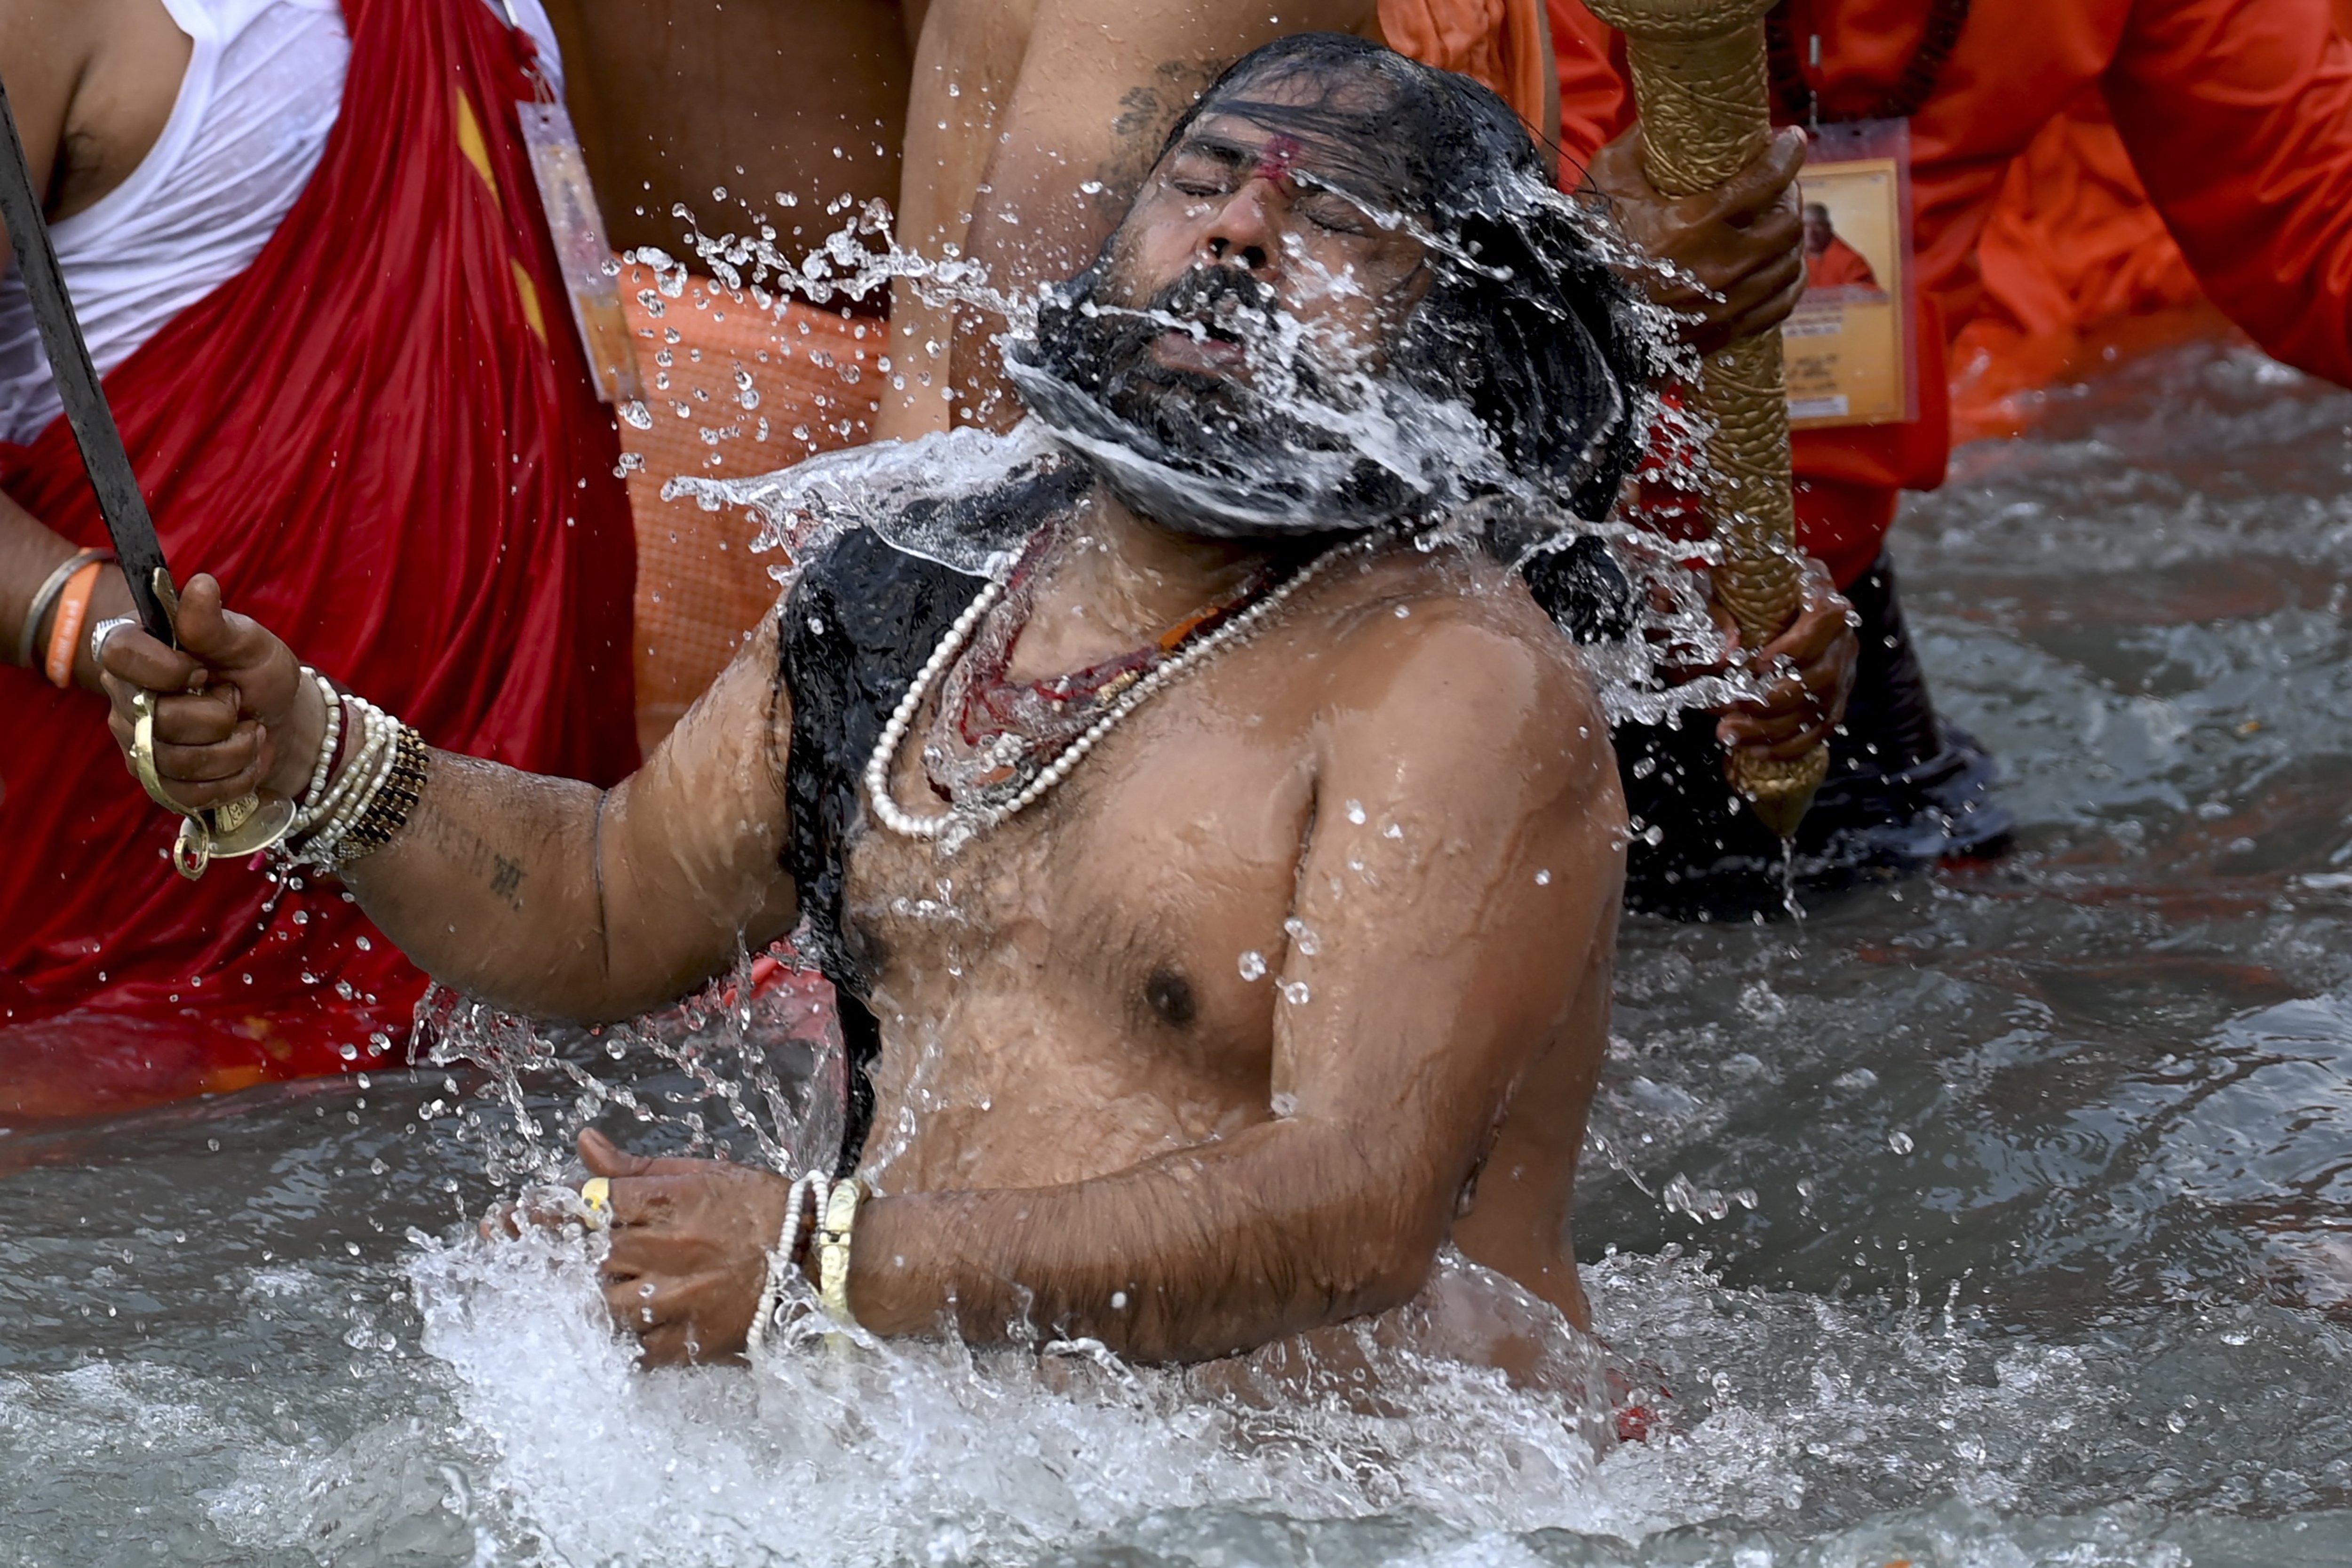 ชาวฮินดูนับล้านแห่ลง แม่น้ำคงคา ล้างบาป ไม่สน